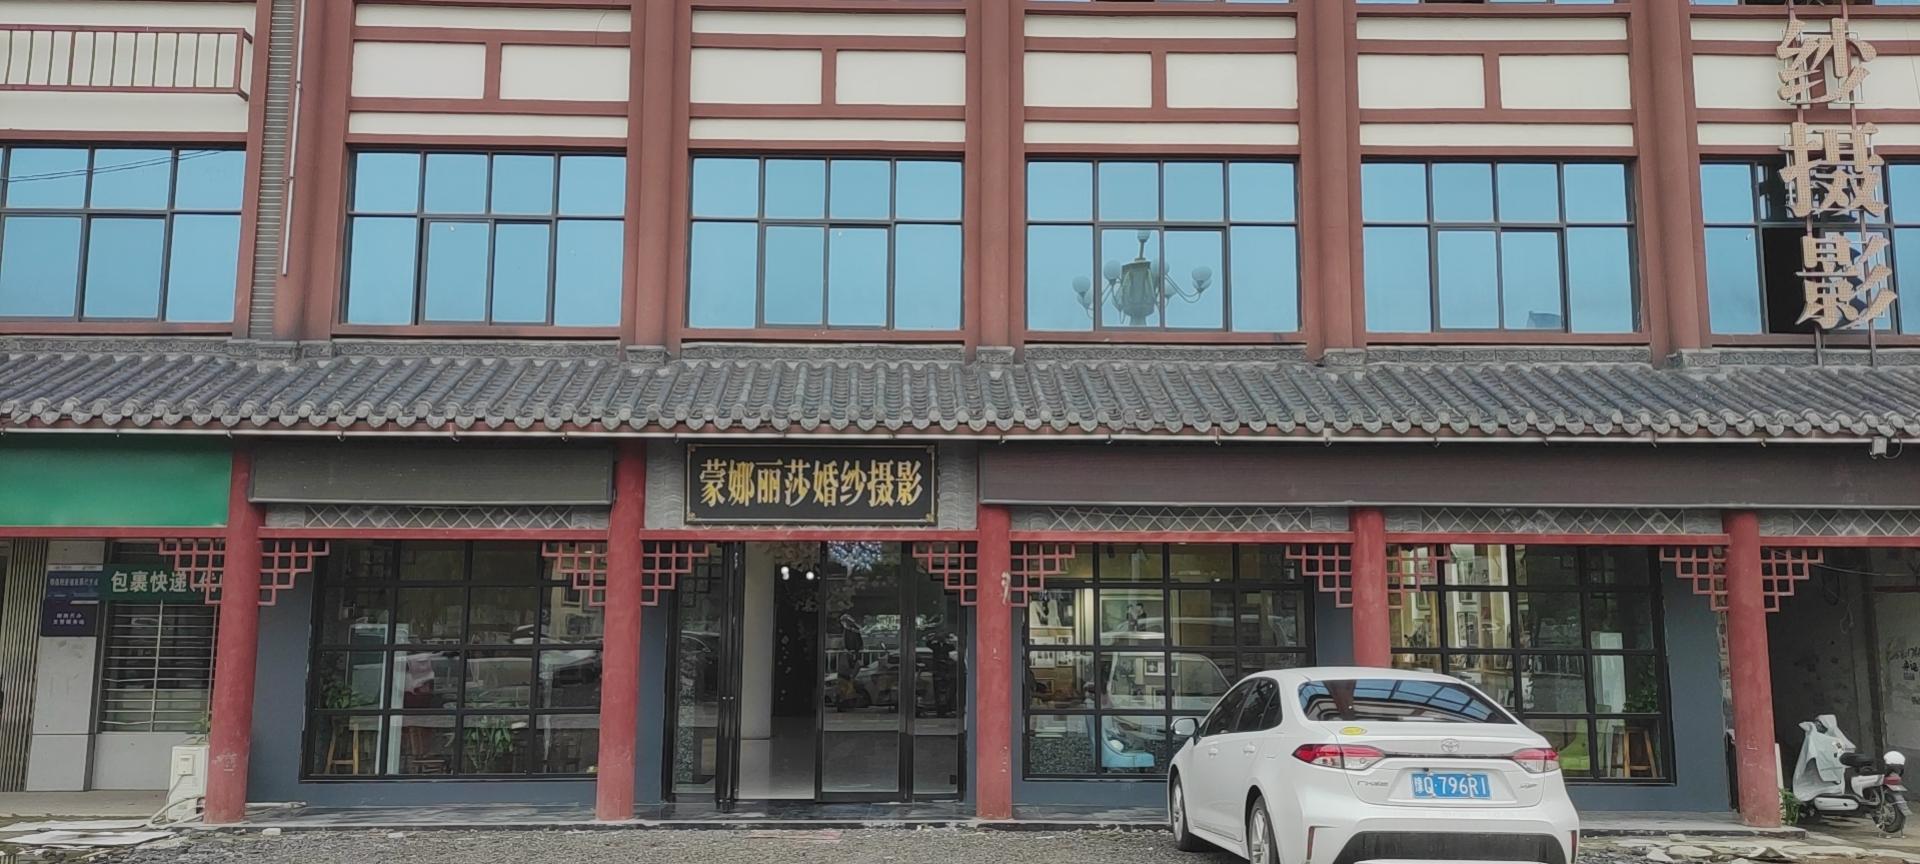 驻马店汝南县蒙娜丽莎婚纱摄影